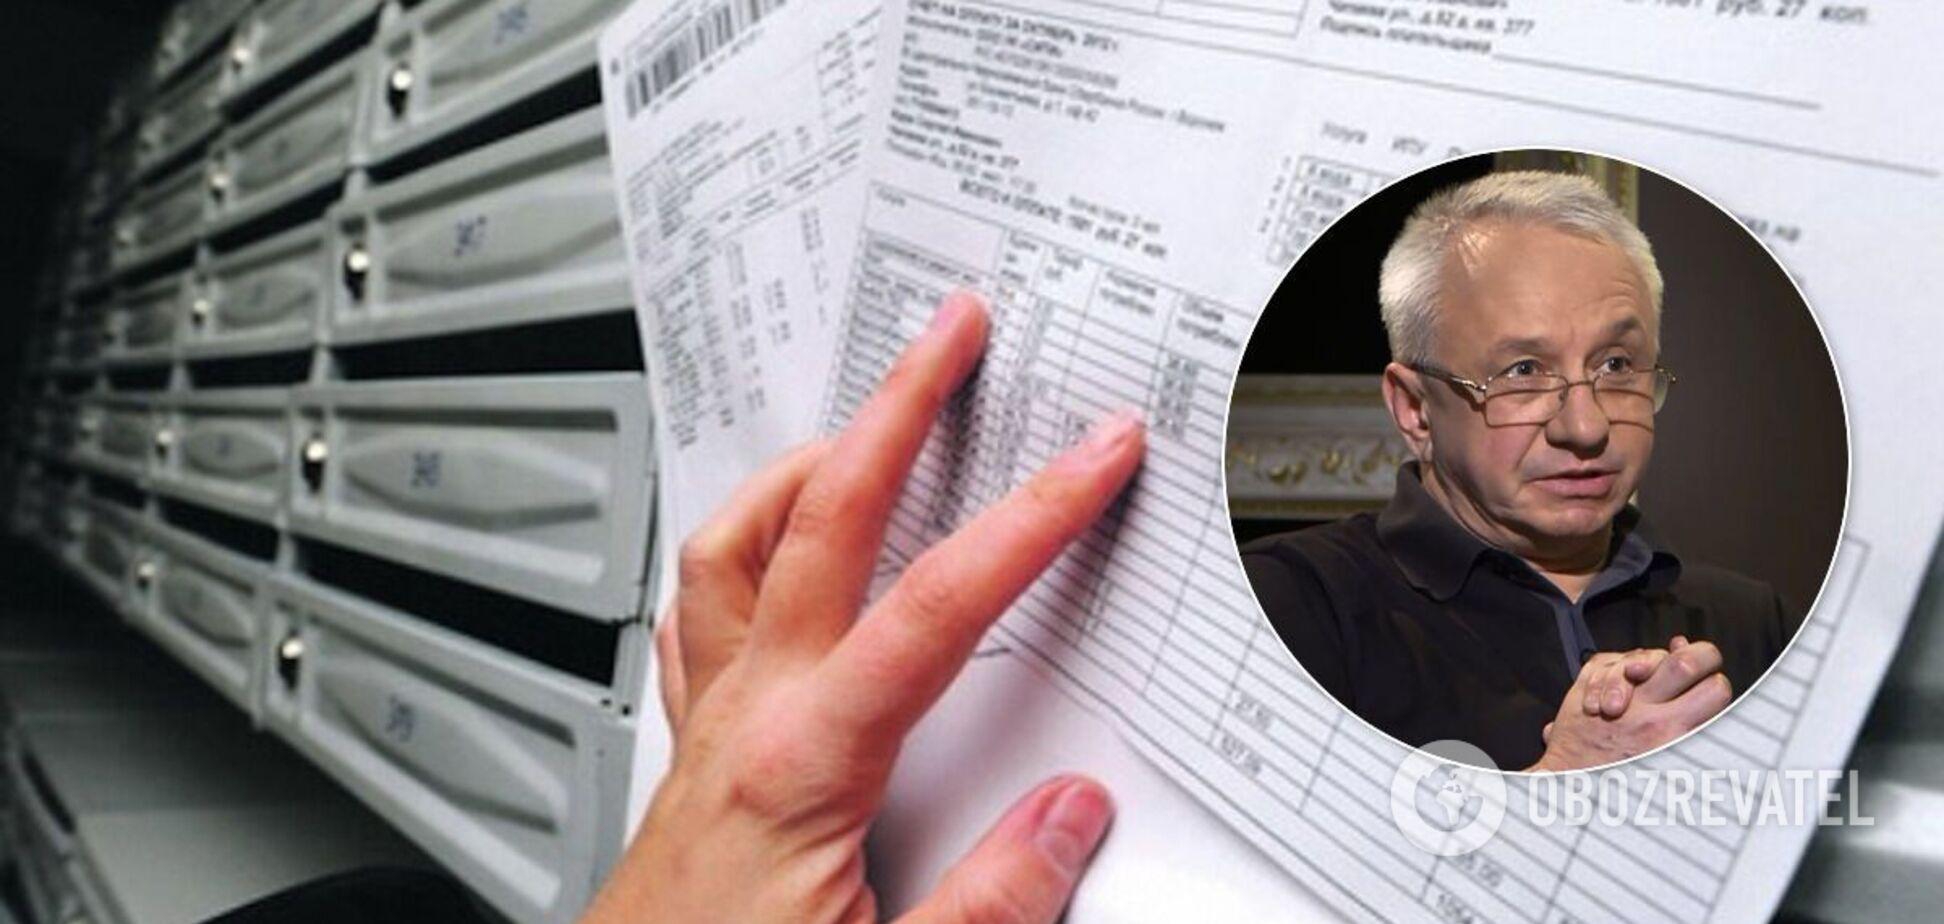 Кучеренко пообещал навести порядок в коммунальной сфере Украины